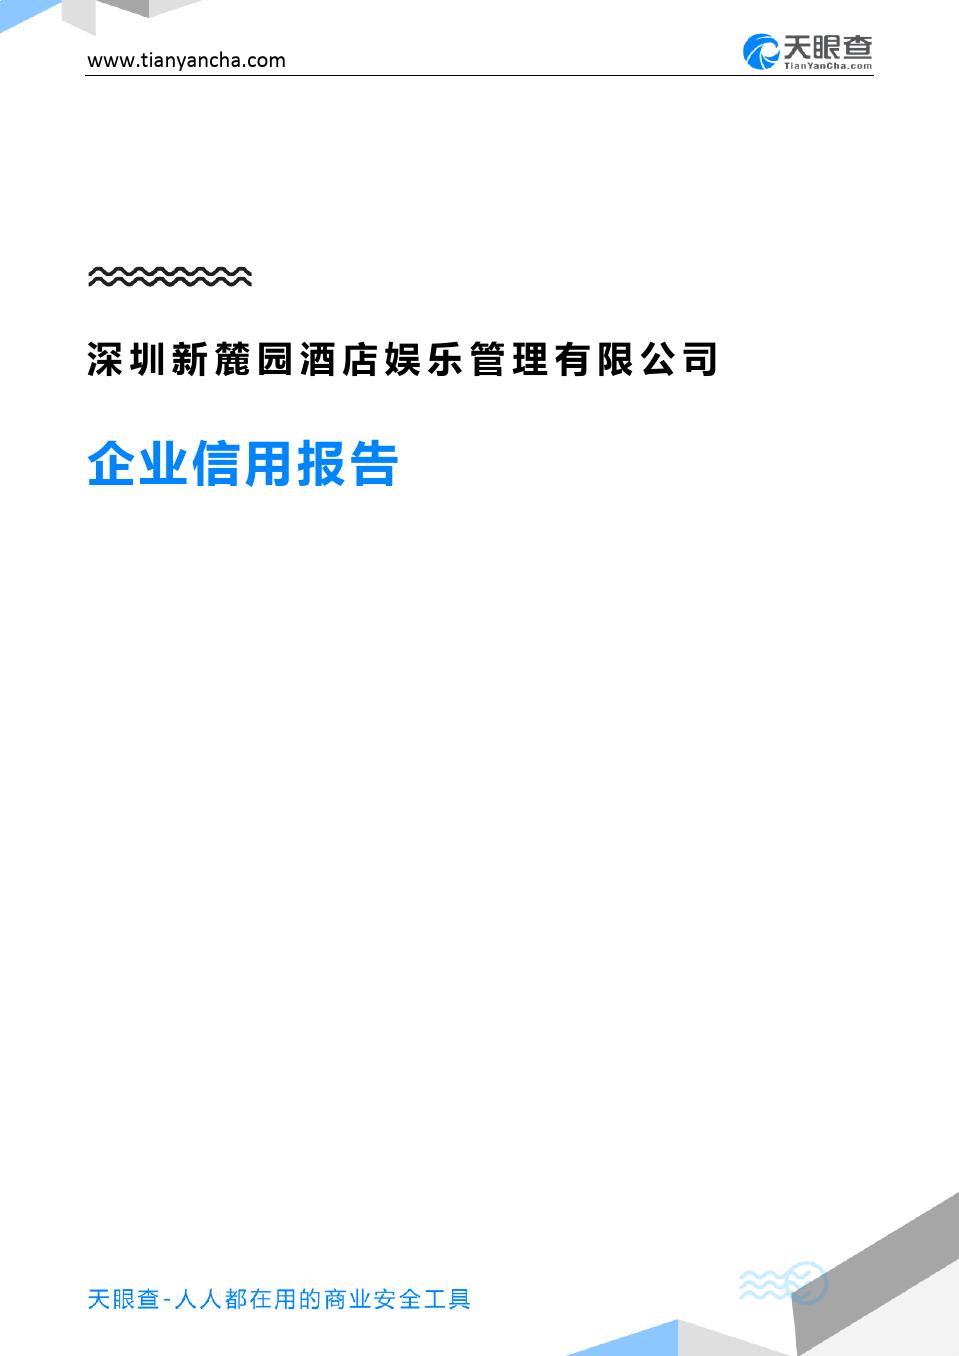 深圳新麓园酒店娱乐管理有限公司企业信用报告-天眼查